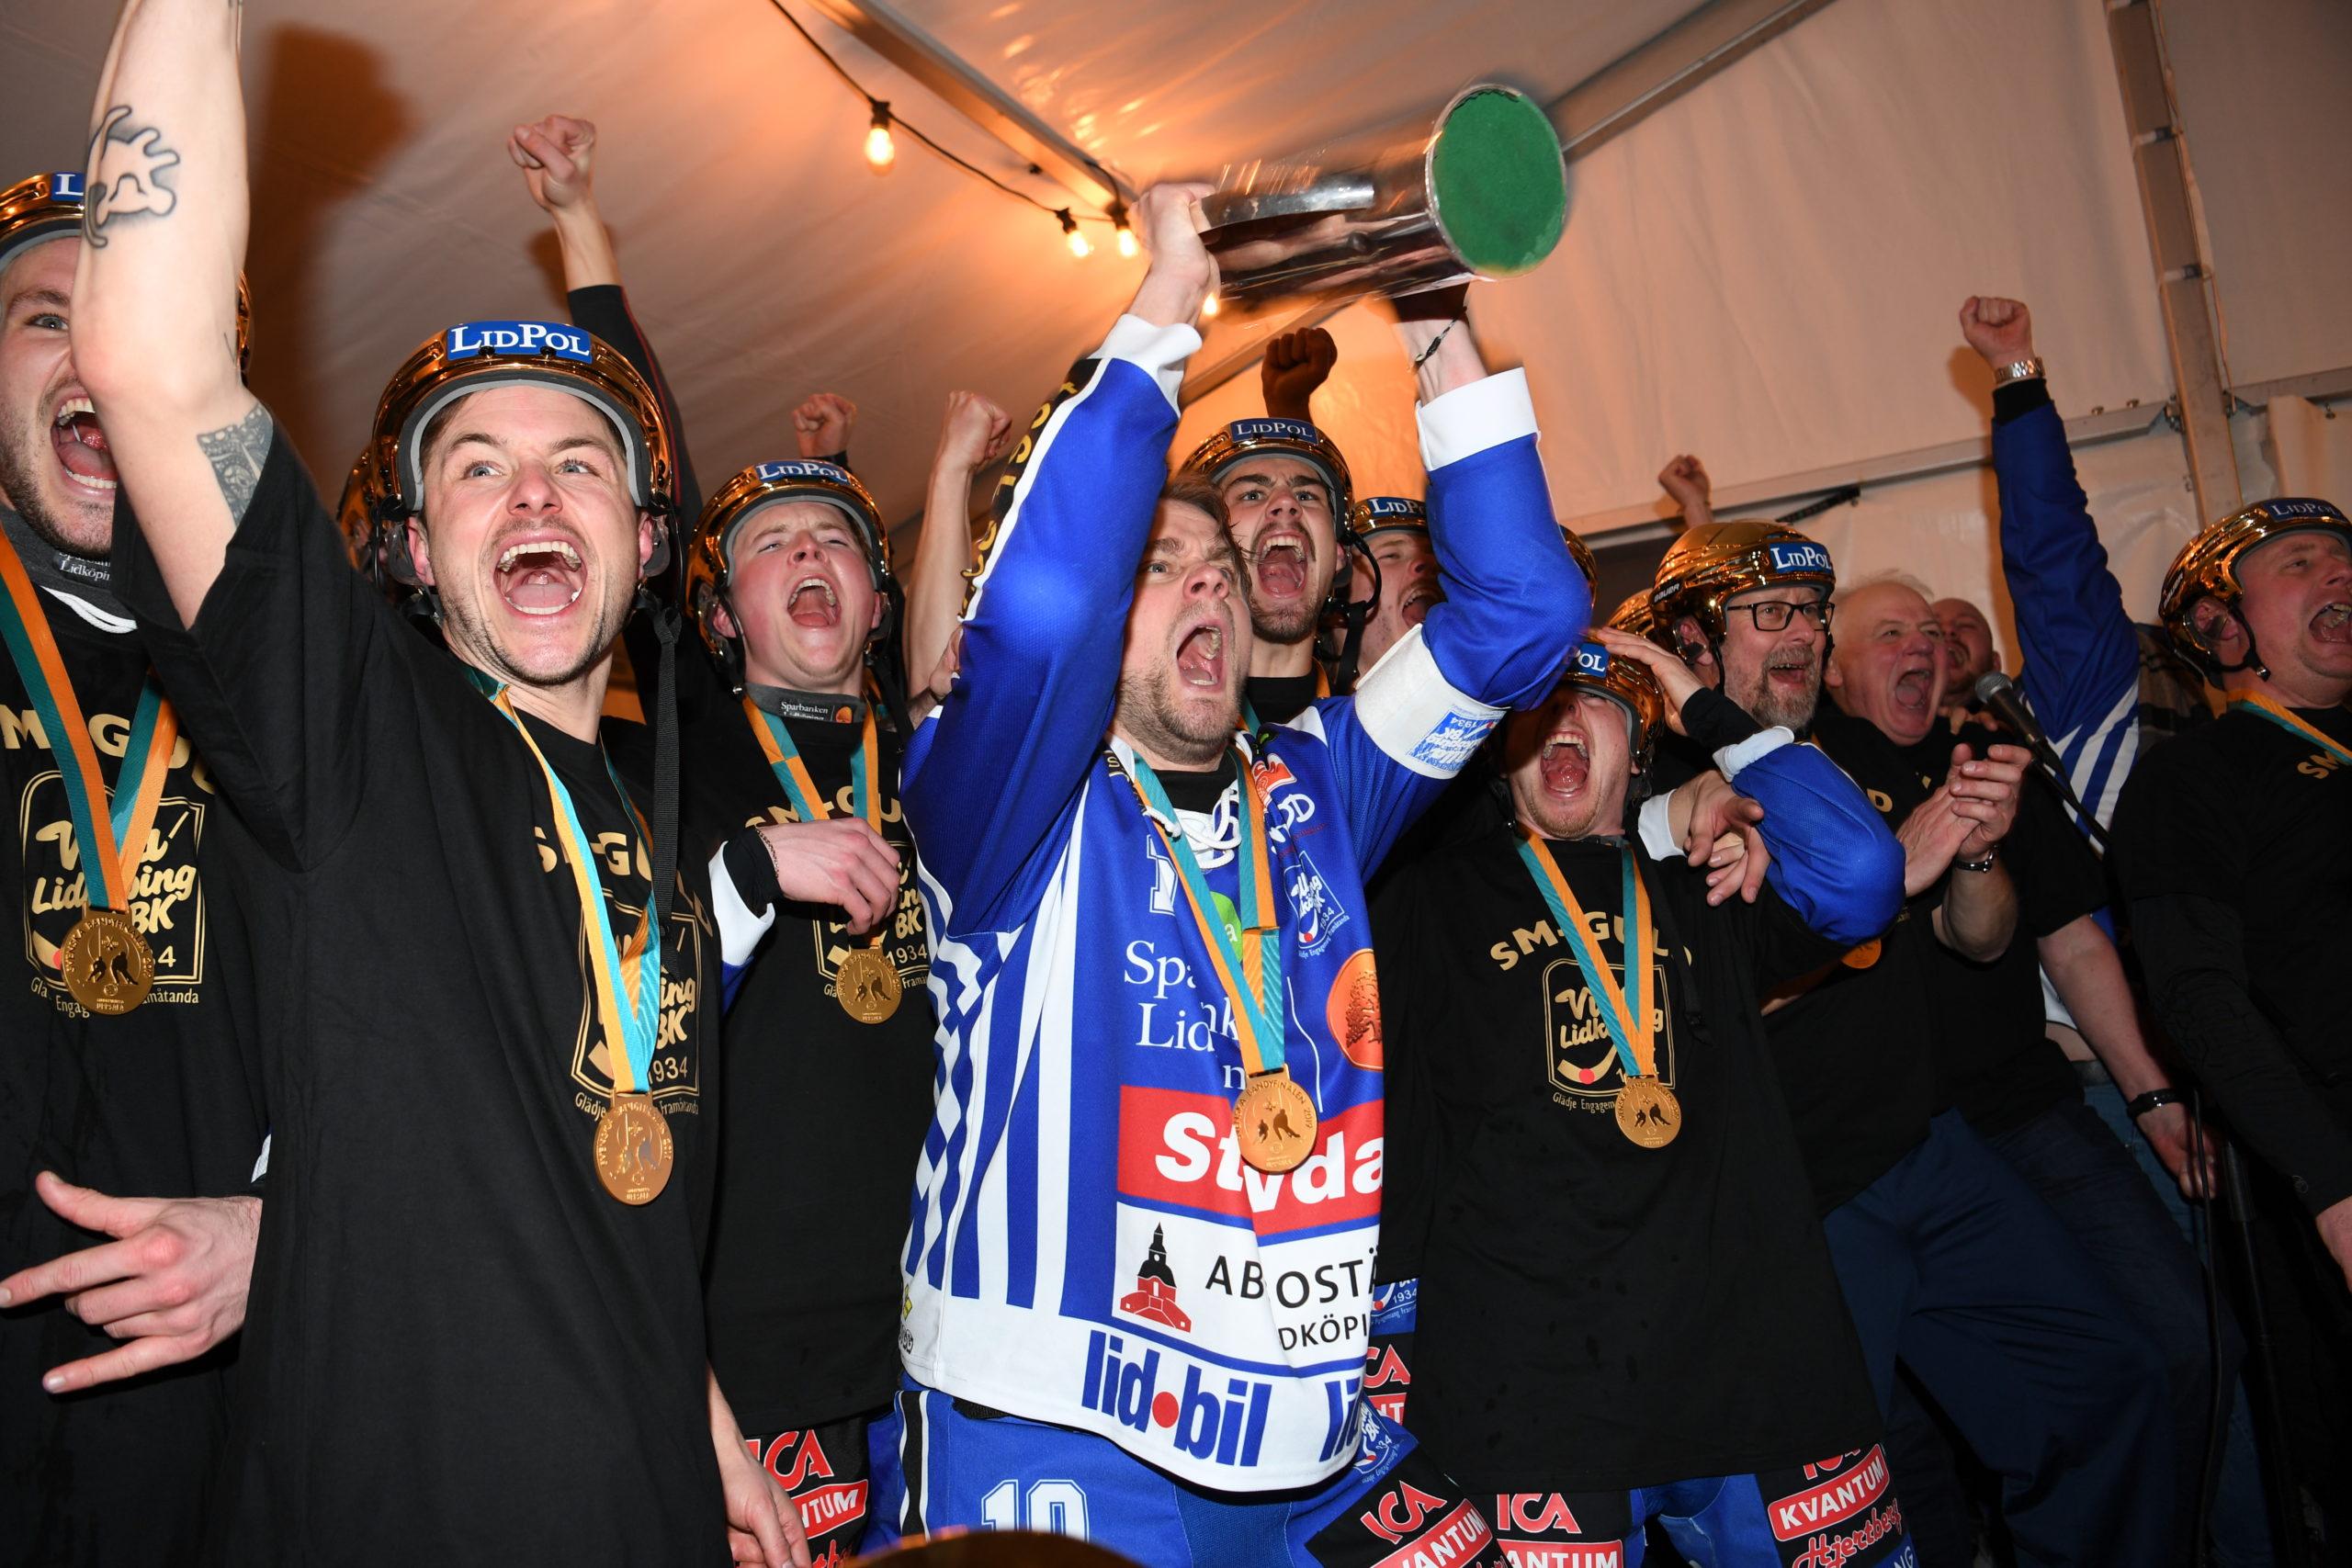 Villa Lidköpings spelare lyfter pokalen i omklädningsrummet.